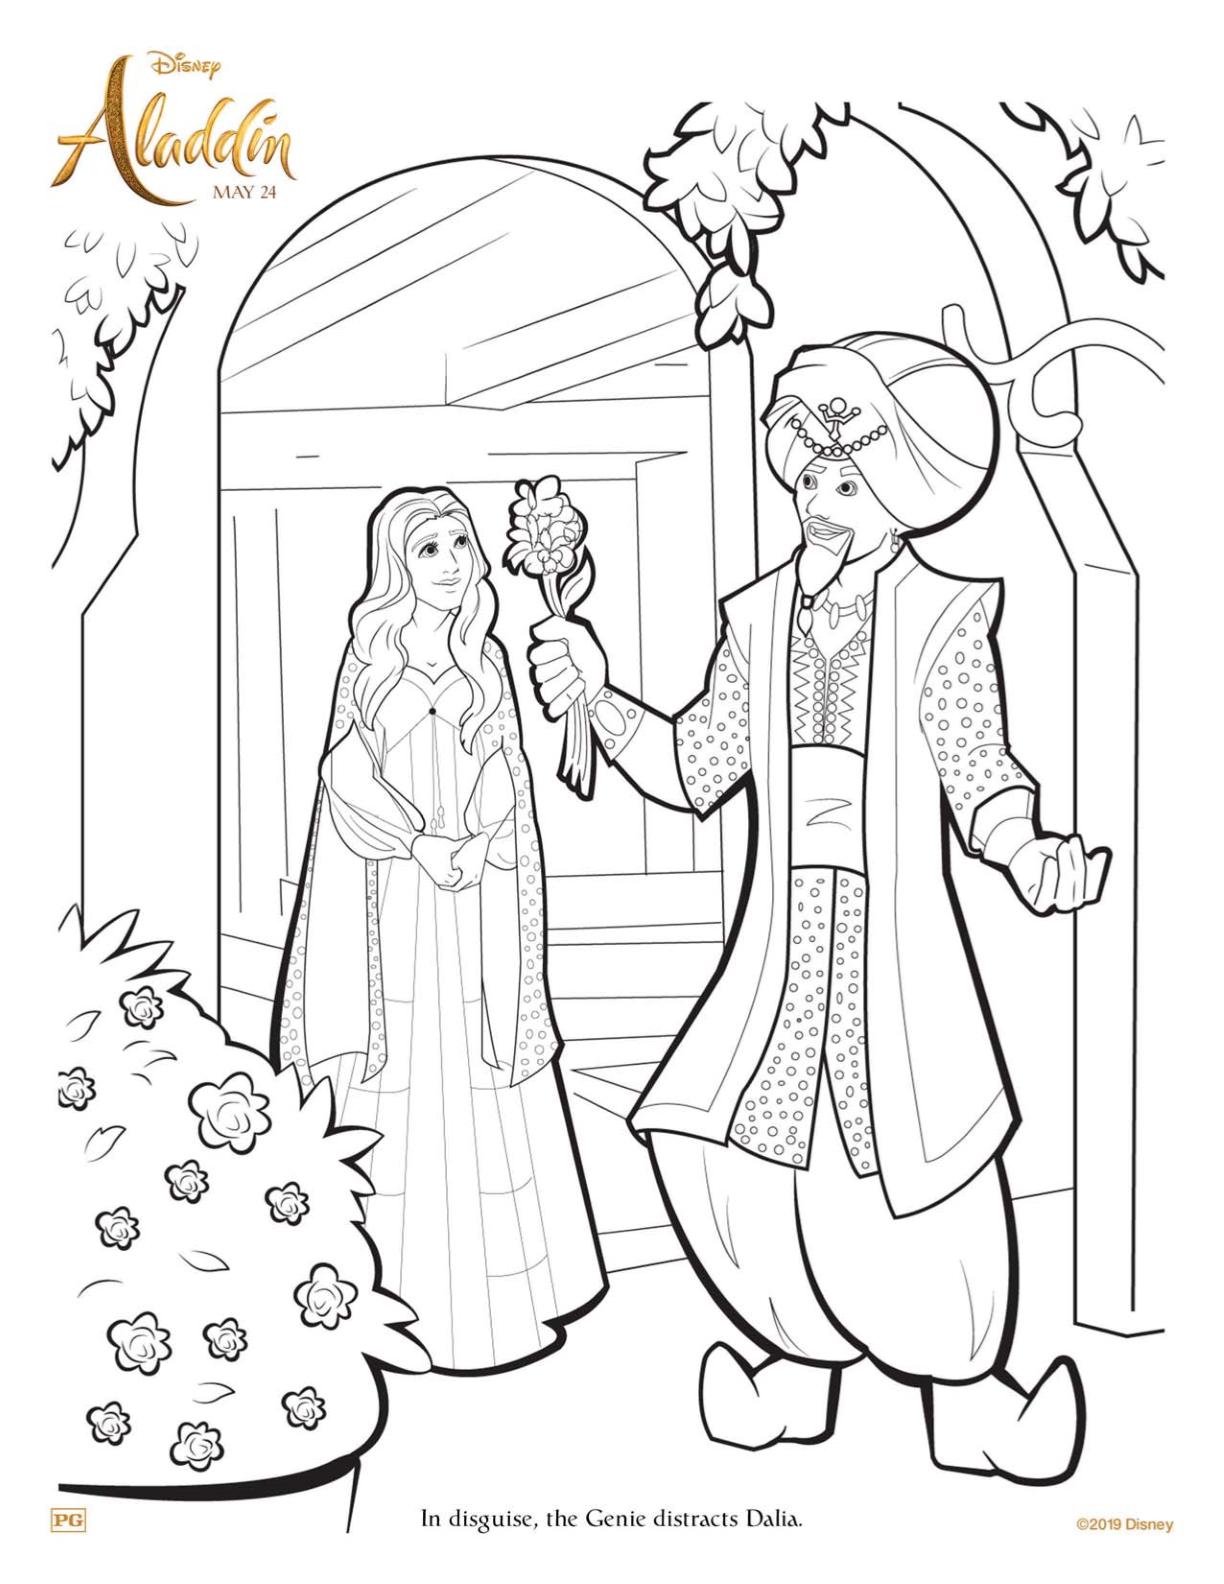 Aladdin Genie Dalia Coloring Page